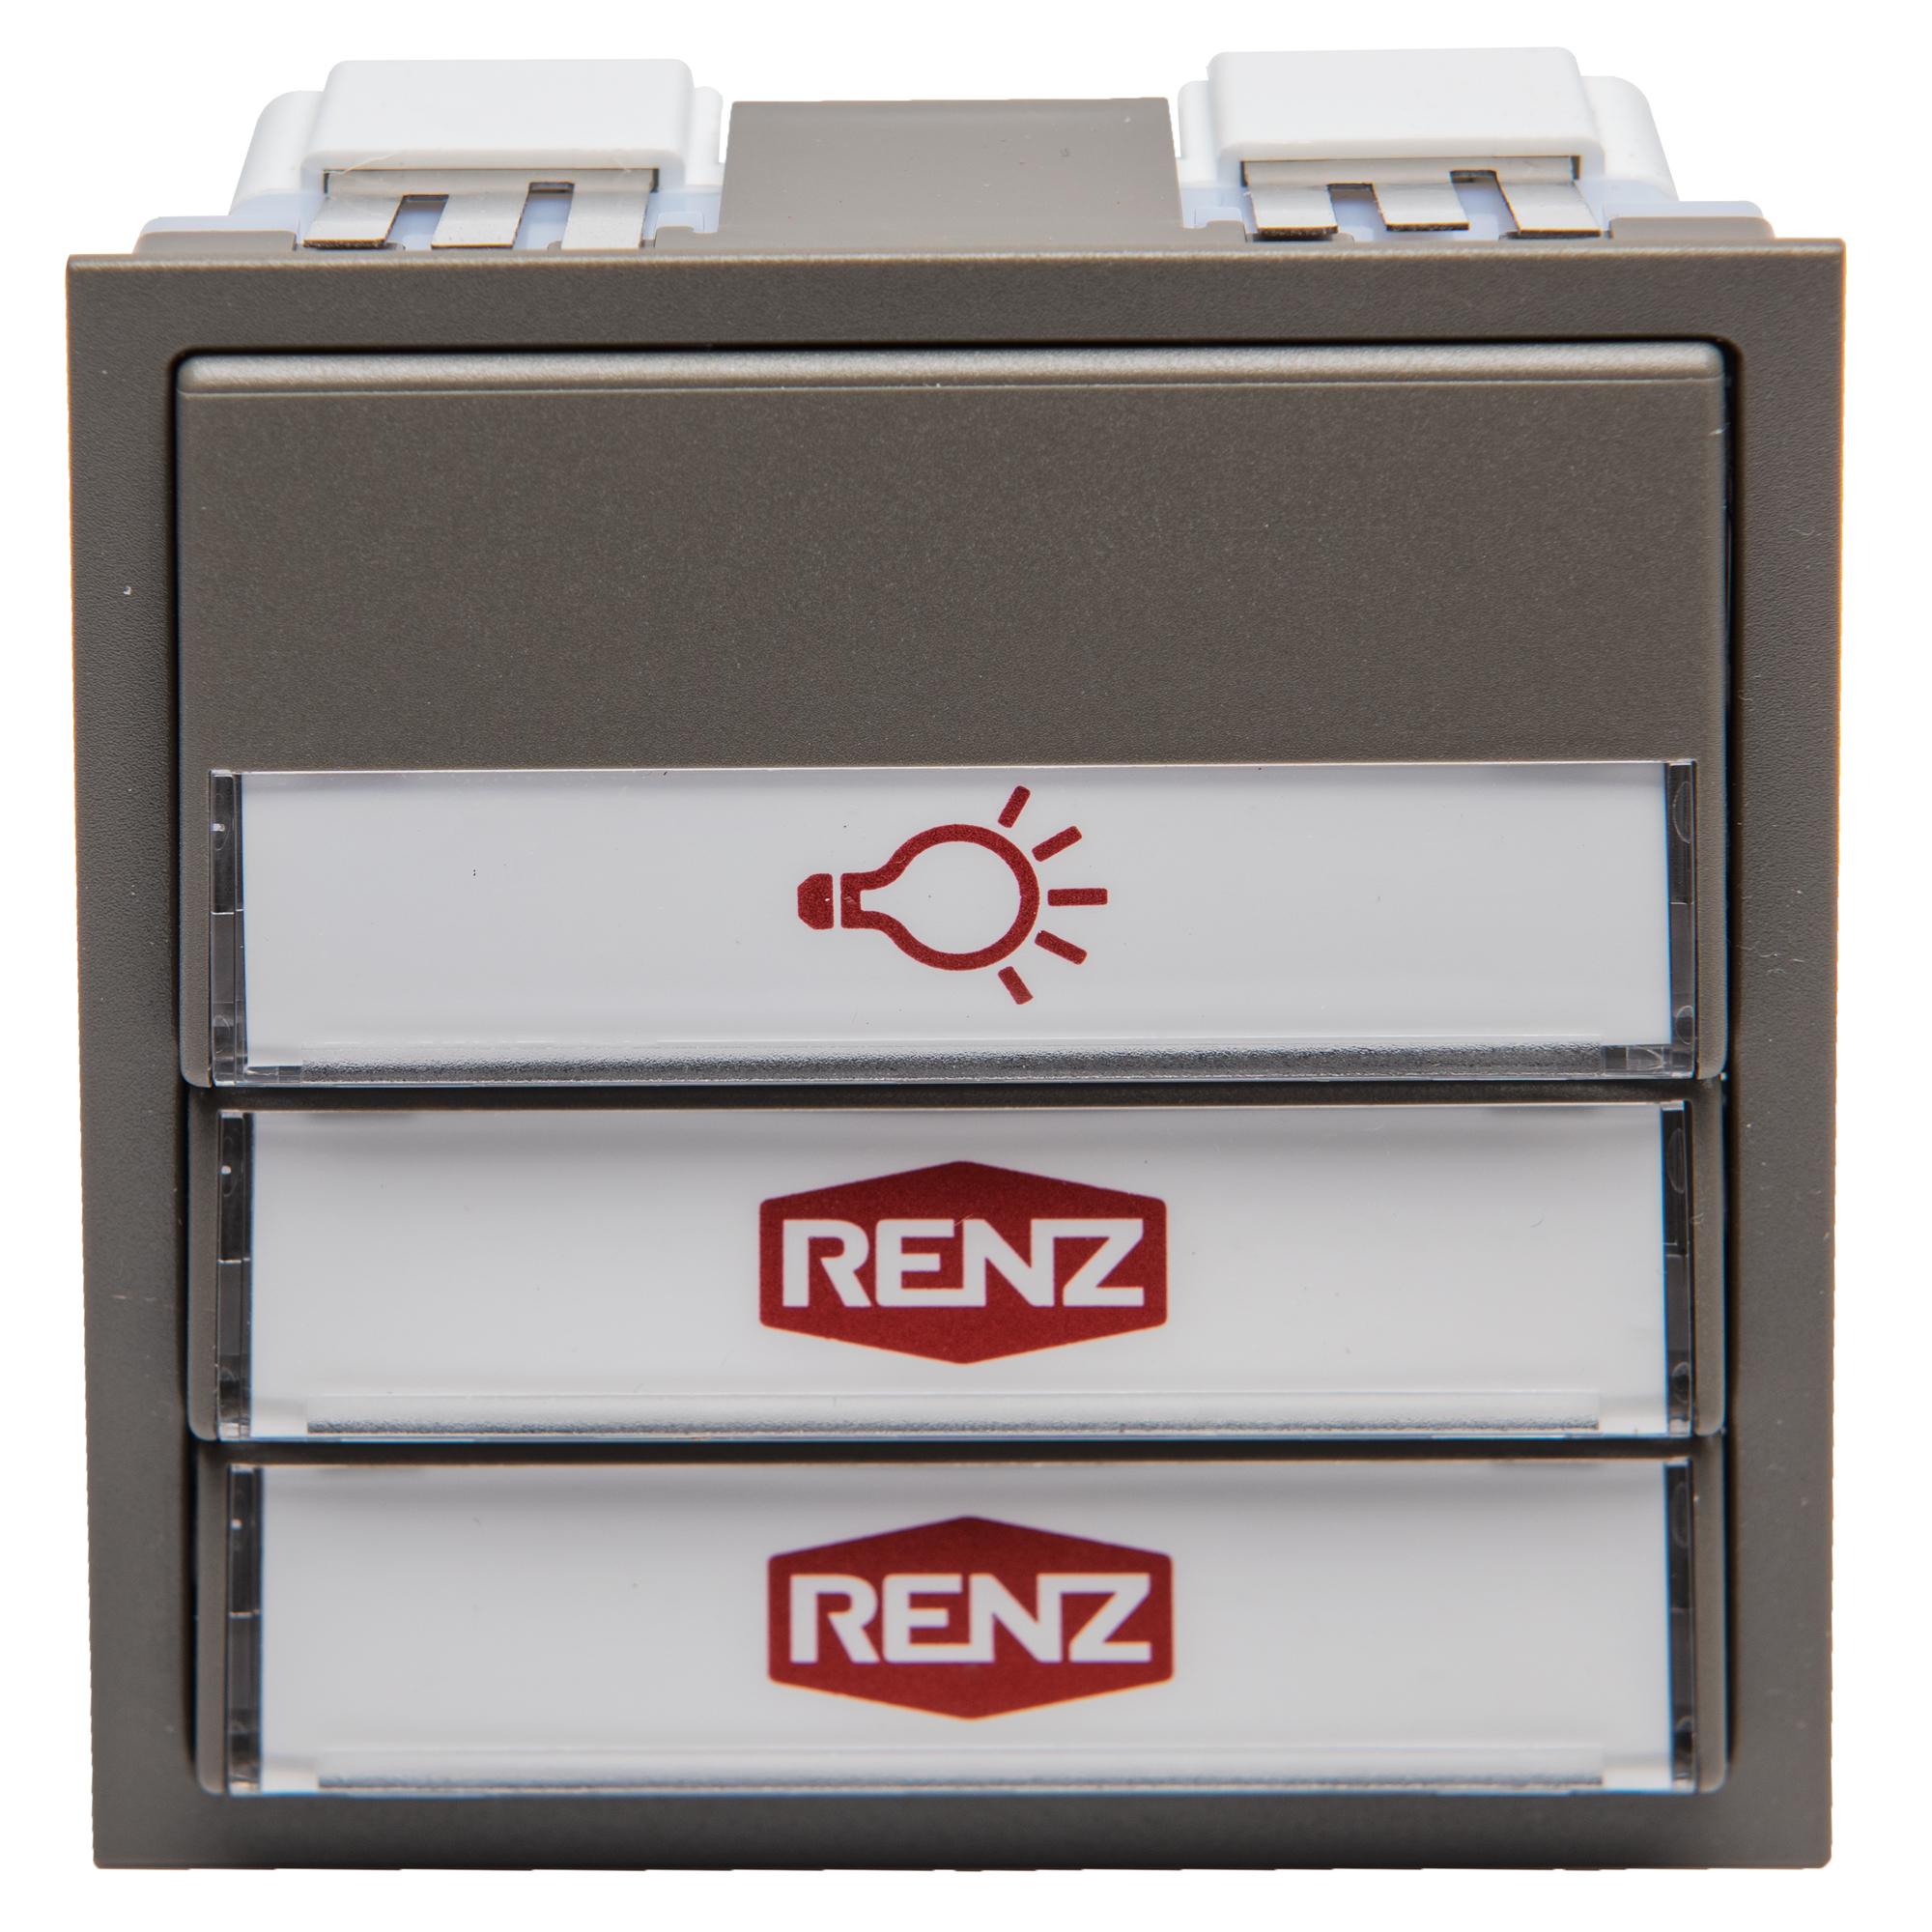 Renz Tastenmodul mit 1 Licht- und 2 Klingeltaster grau